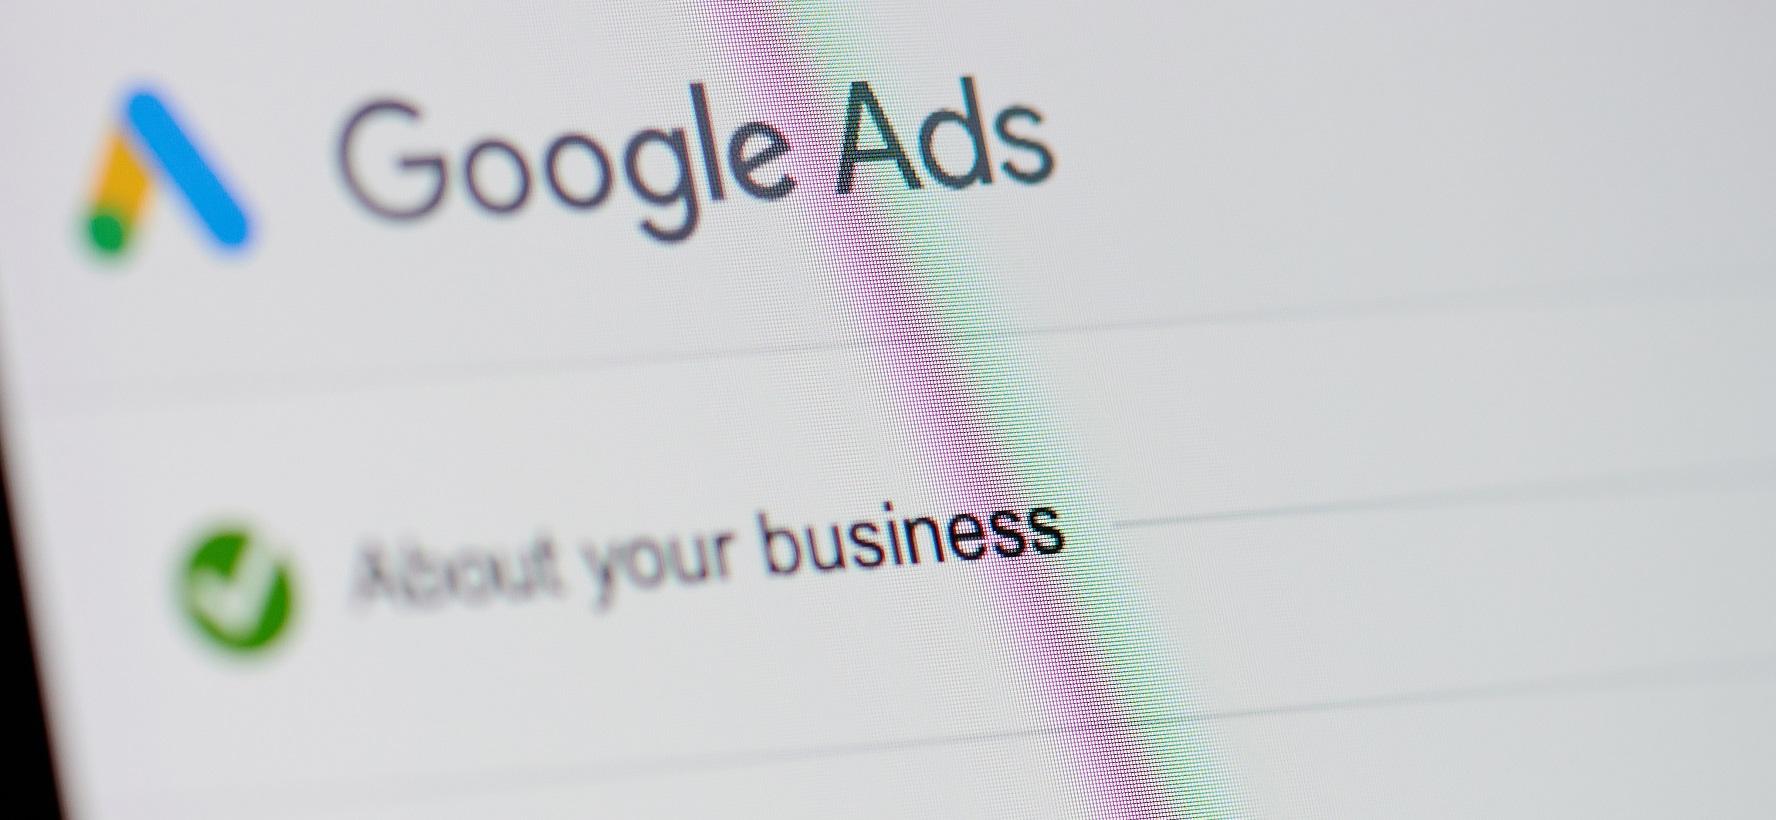 Google Ads synlighet og rådgivning